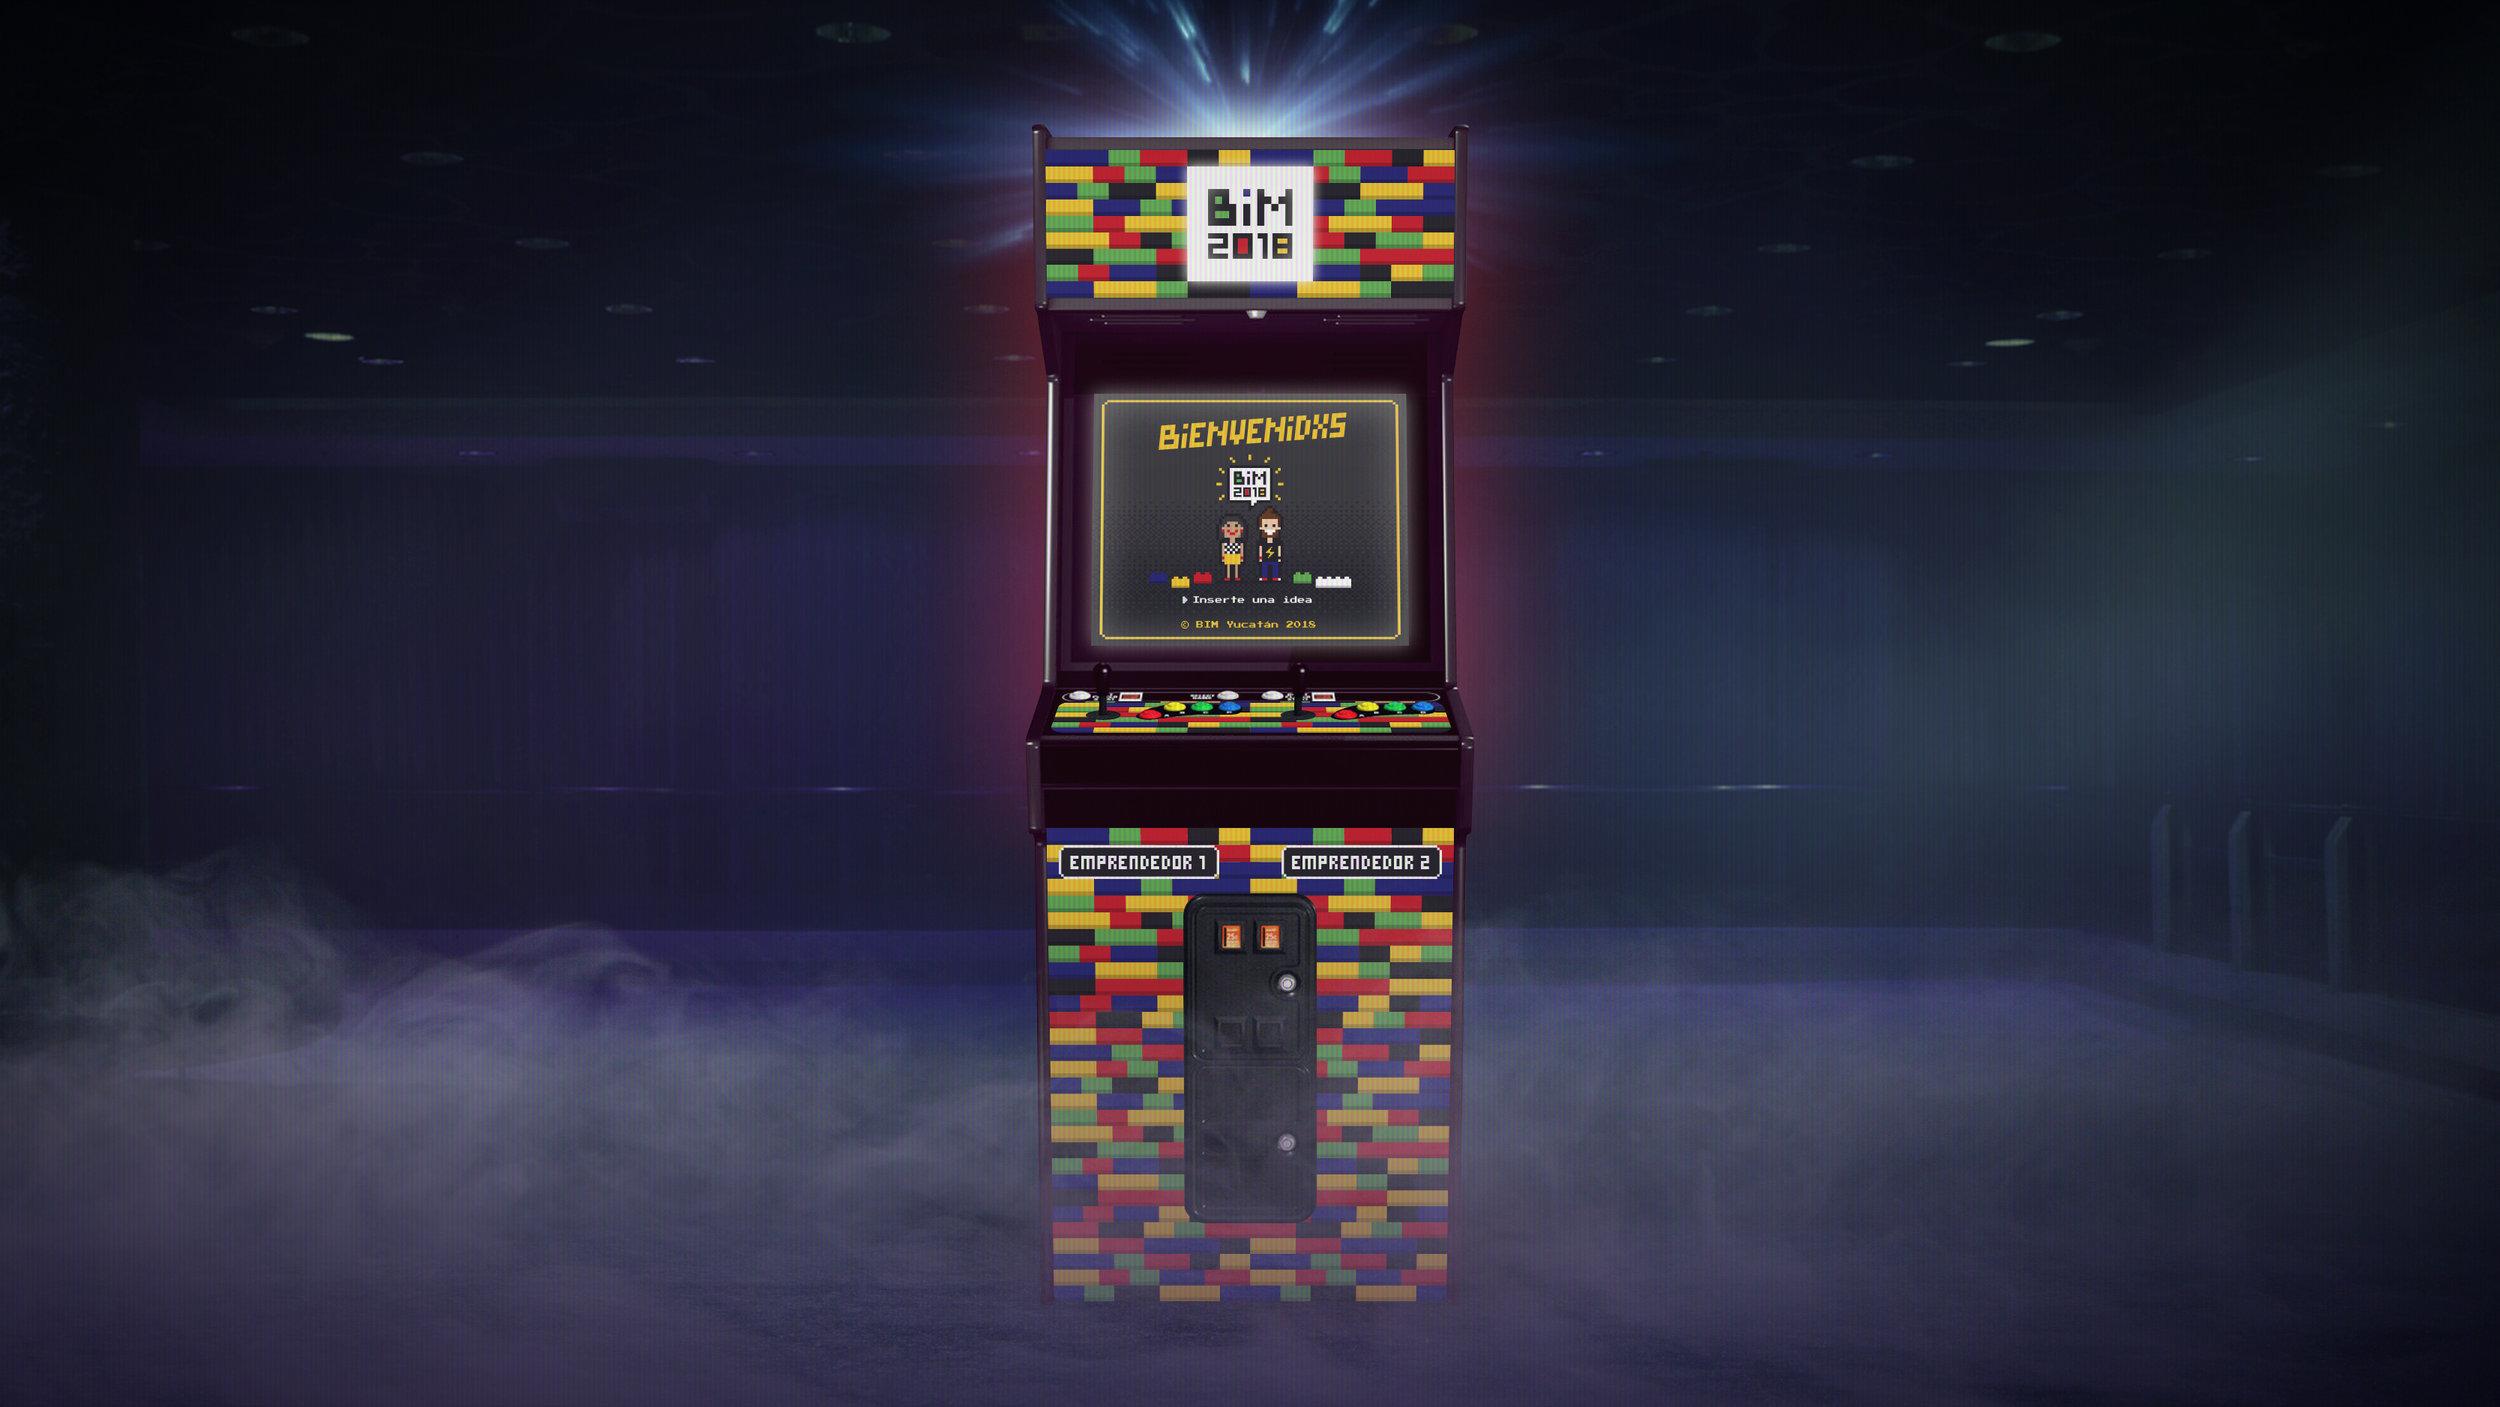 BIM 2018 - 02 Arcade.jpg